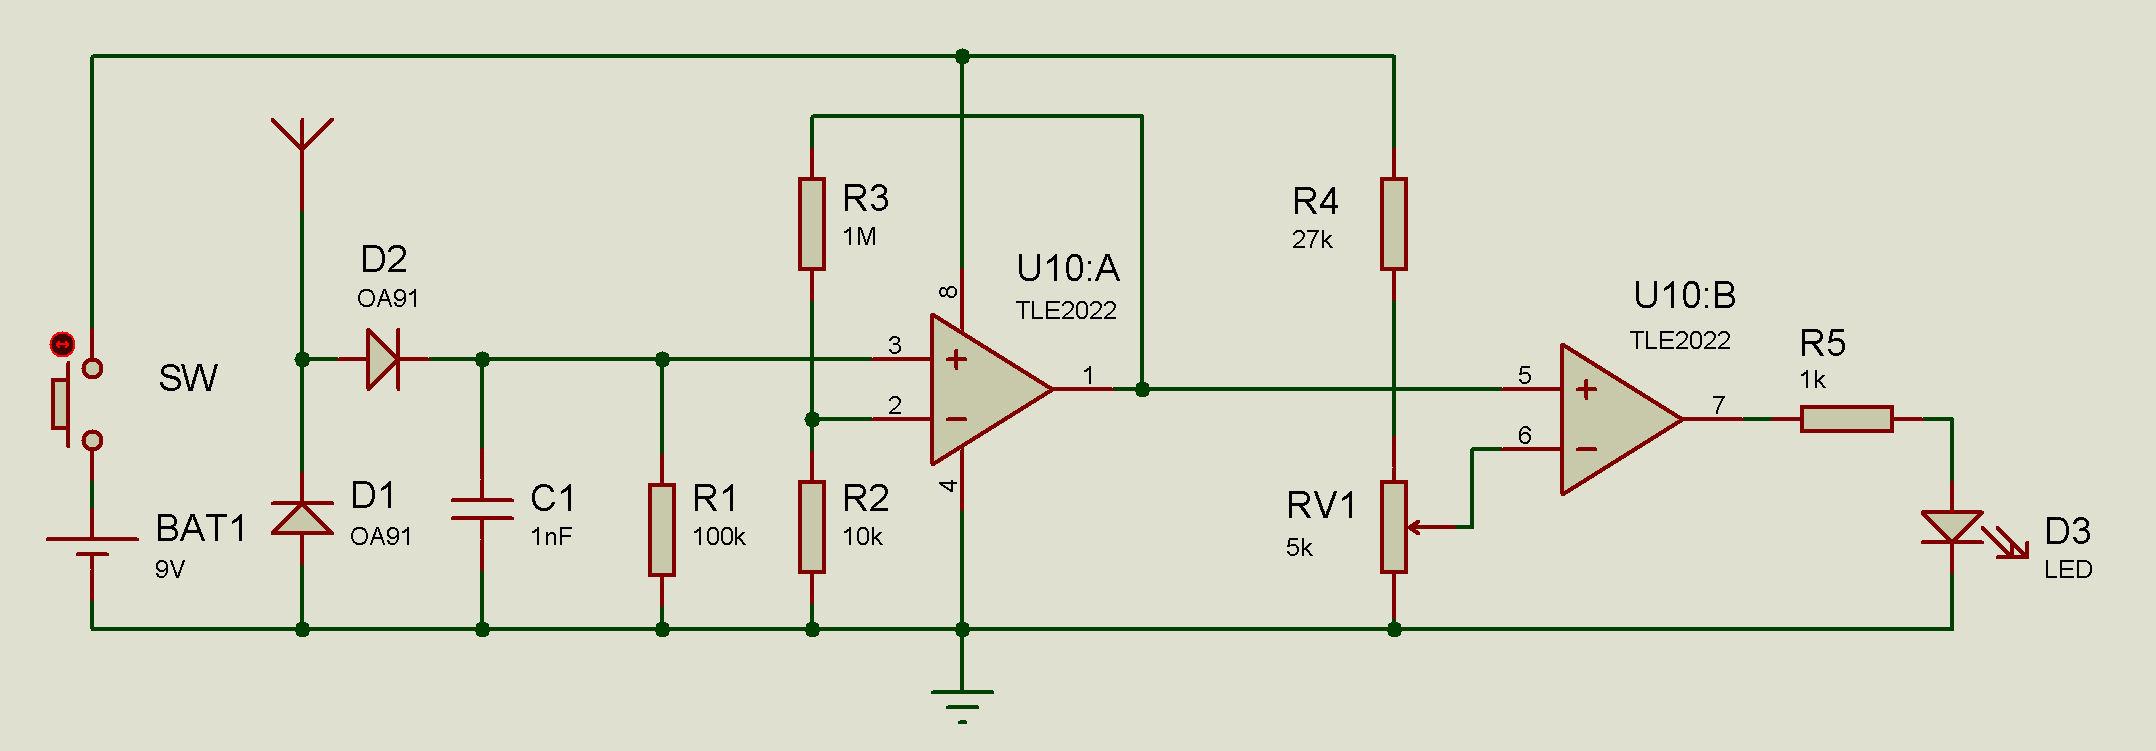 Schemi Elettrici Per Led : Elettronica per principianti accendere un led pagina di